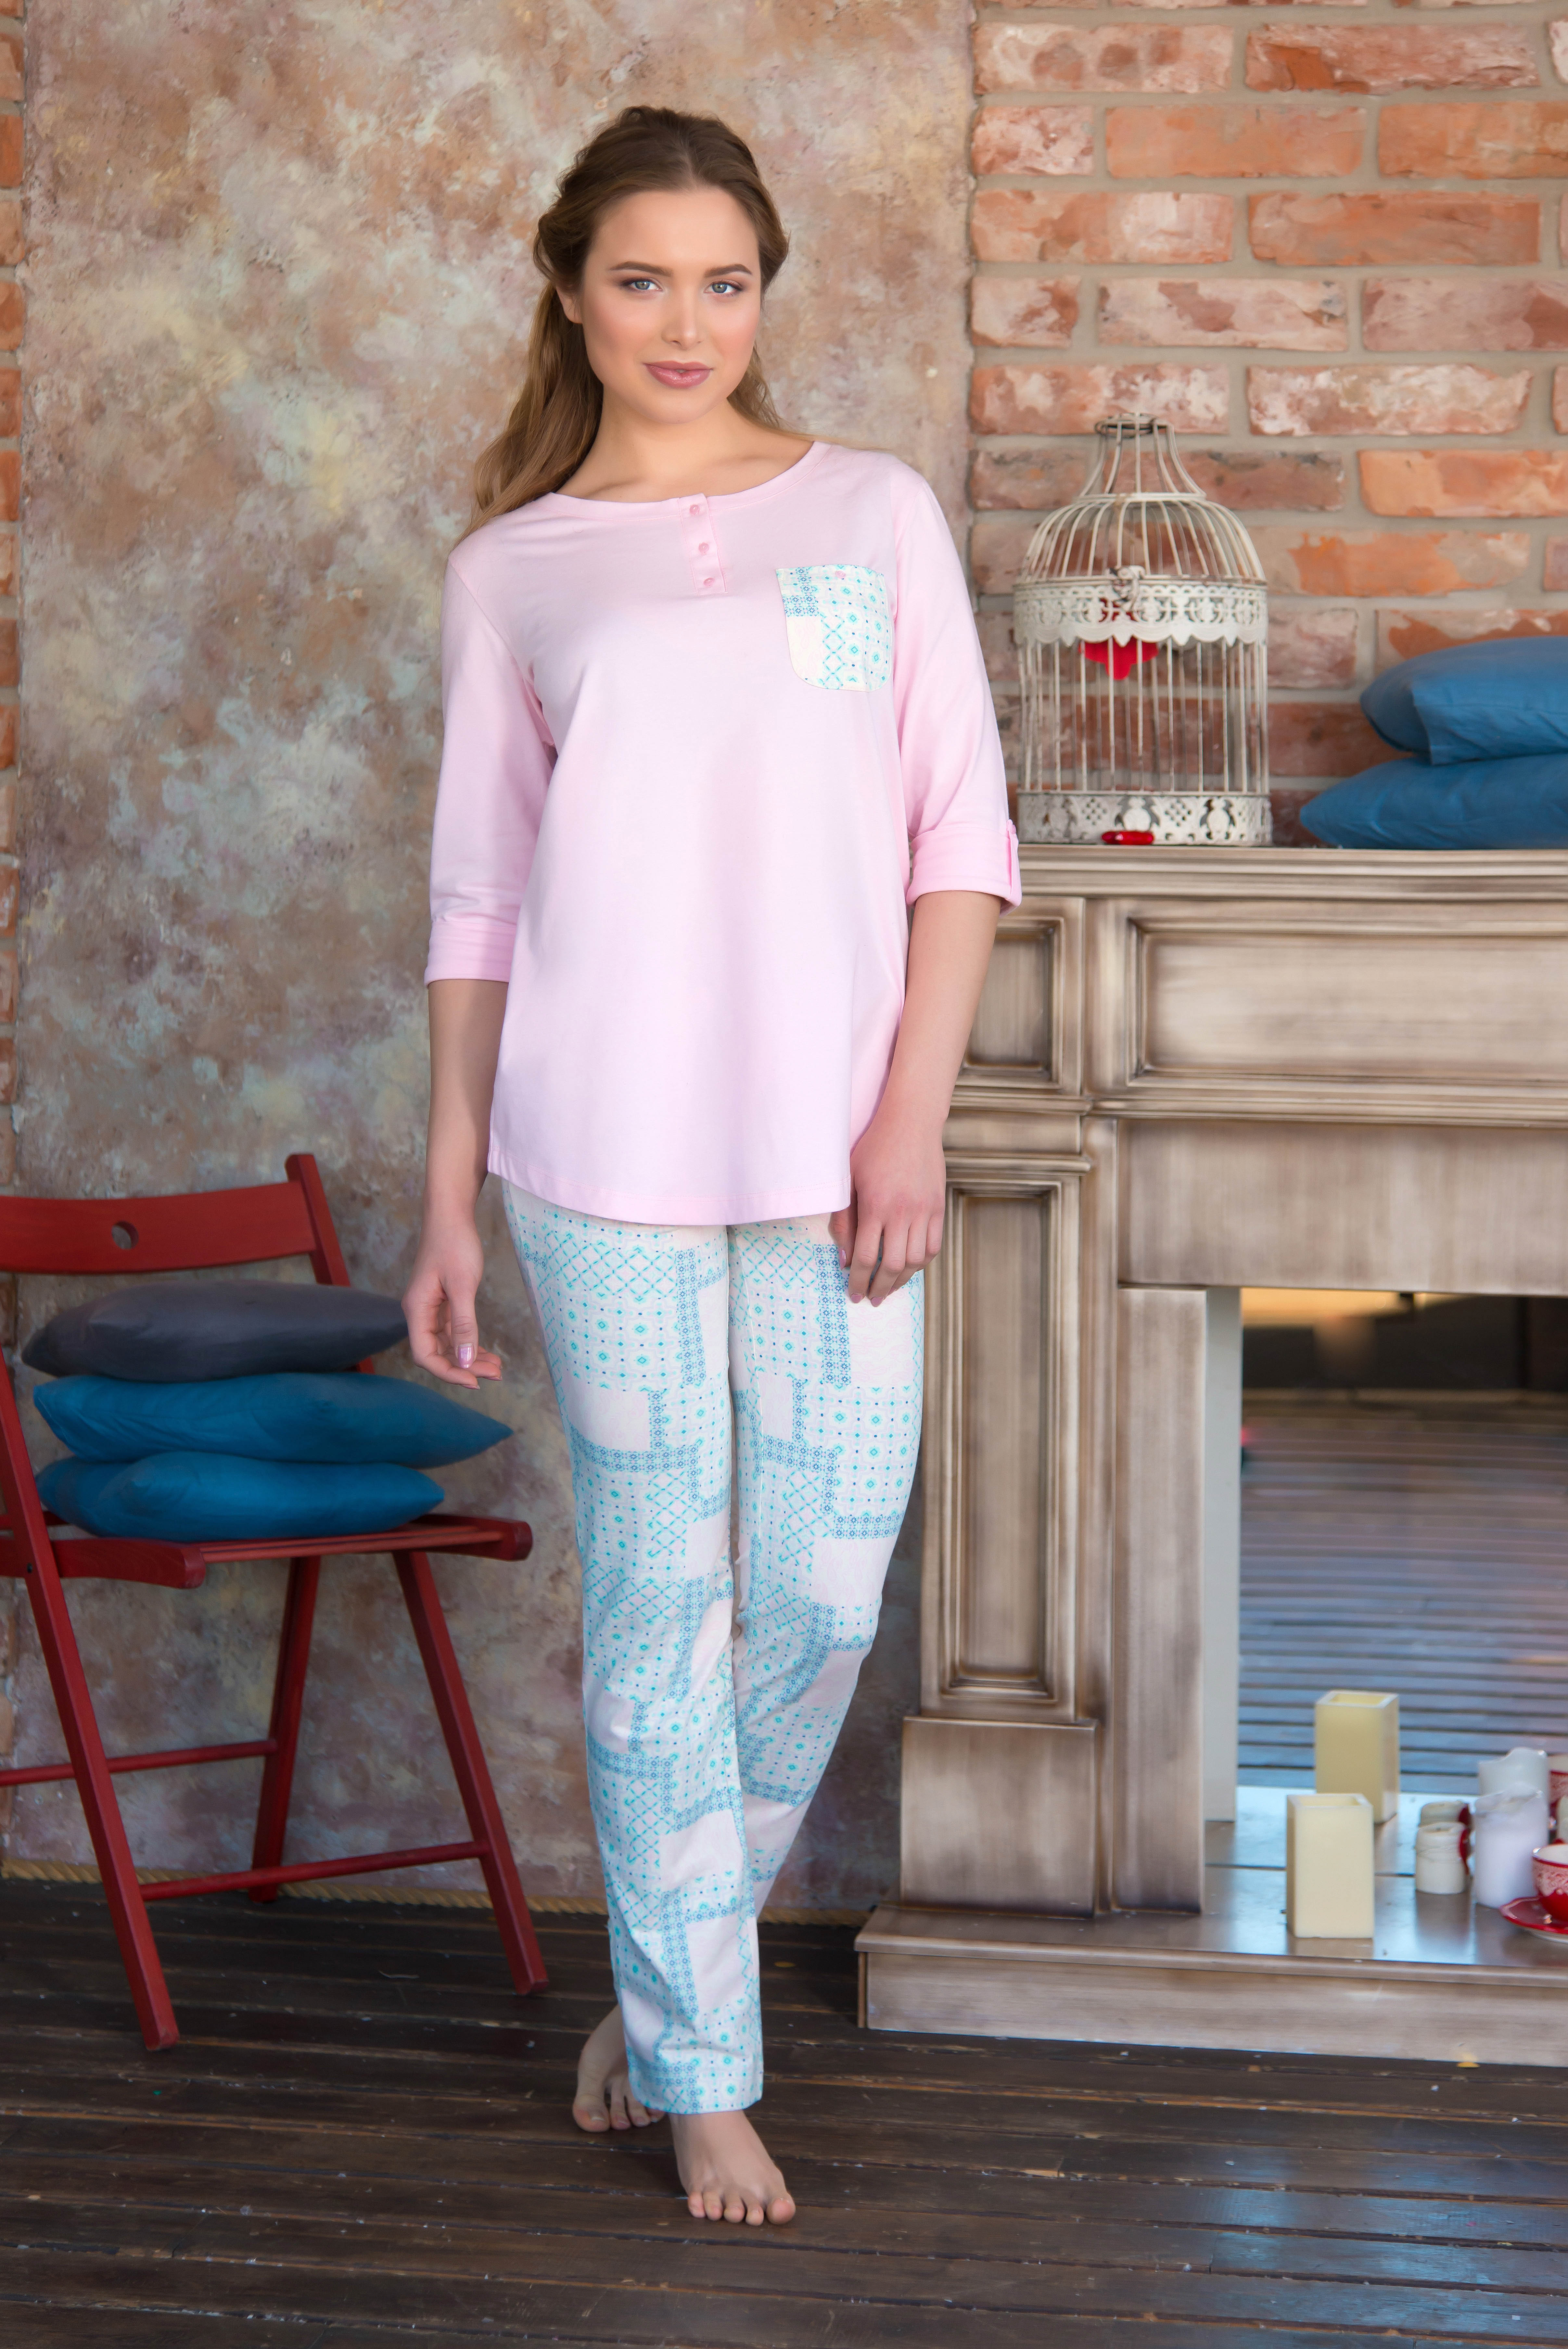 Костюмы для дома и отдыха Mia Cara Костюм для дома Arissa Цвет: Розовый (xxxL) пижамы mia cara пижама paisley цвет розовый m l